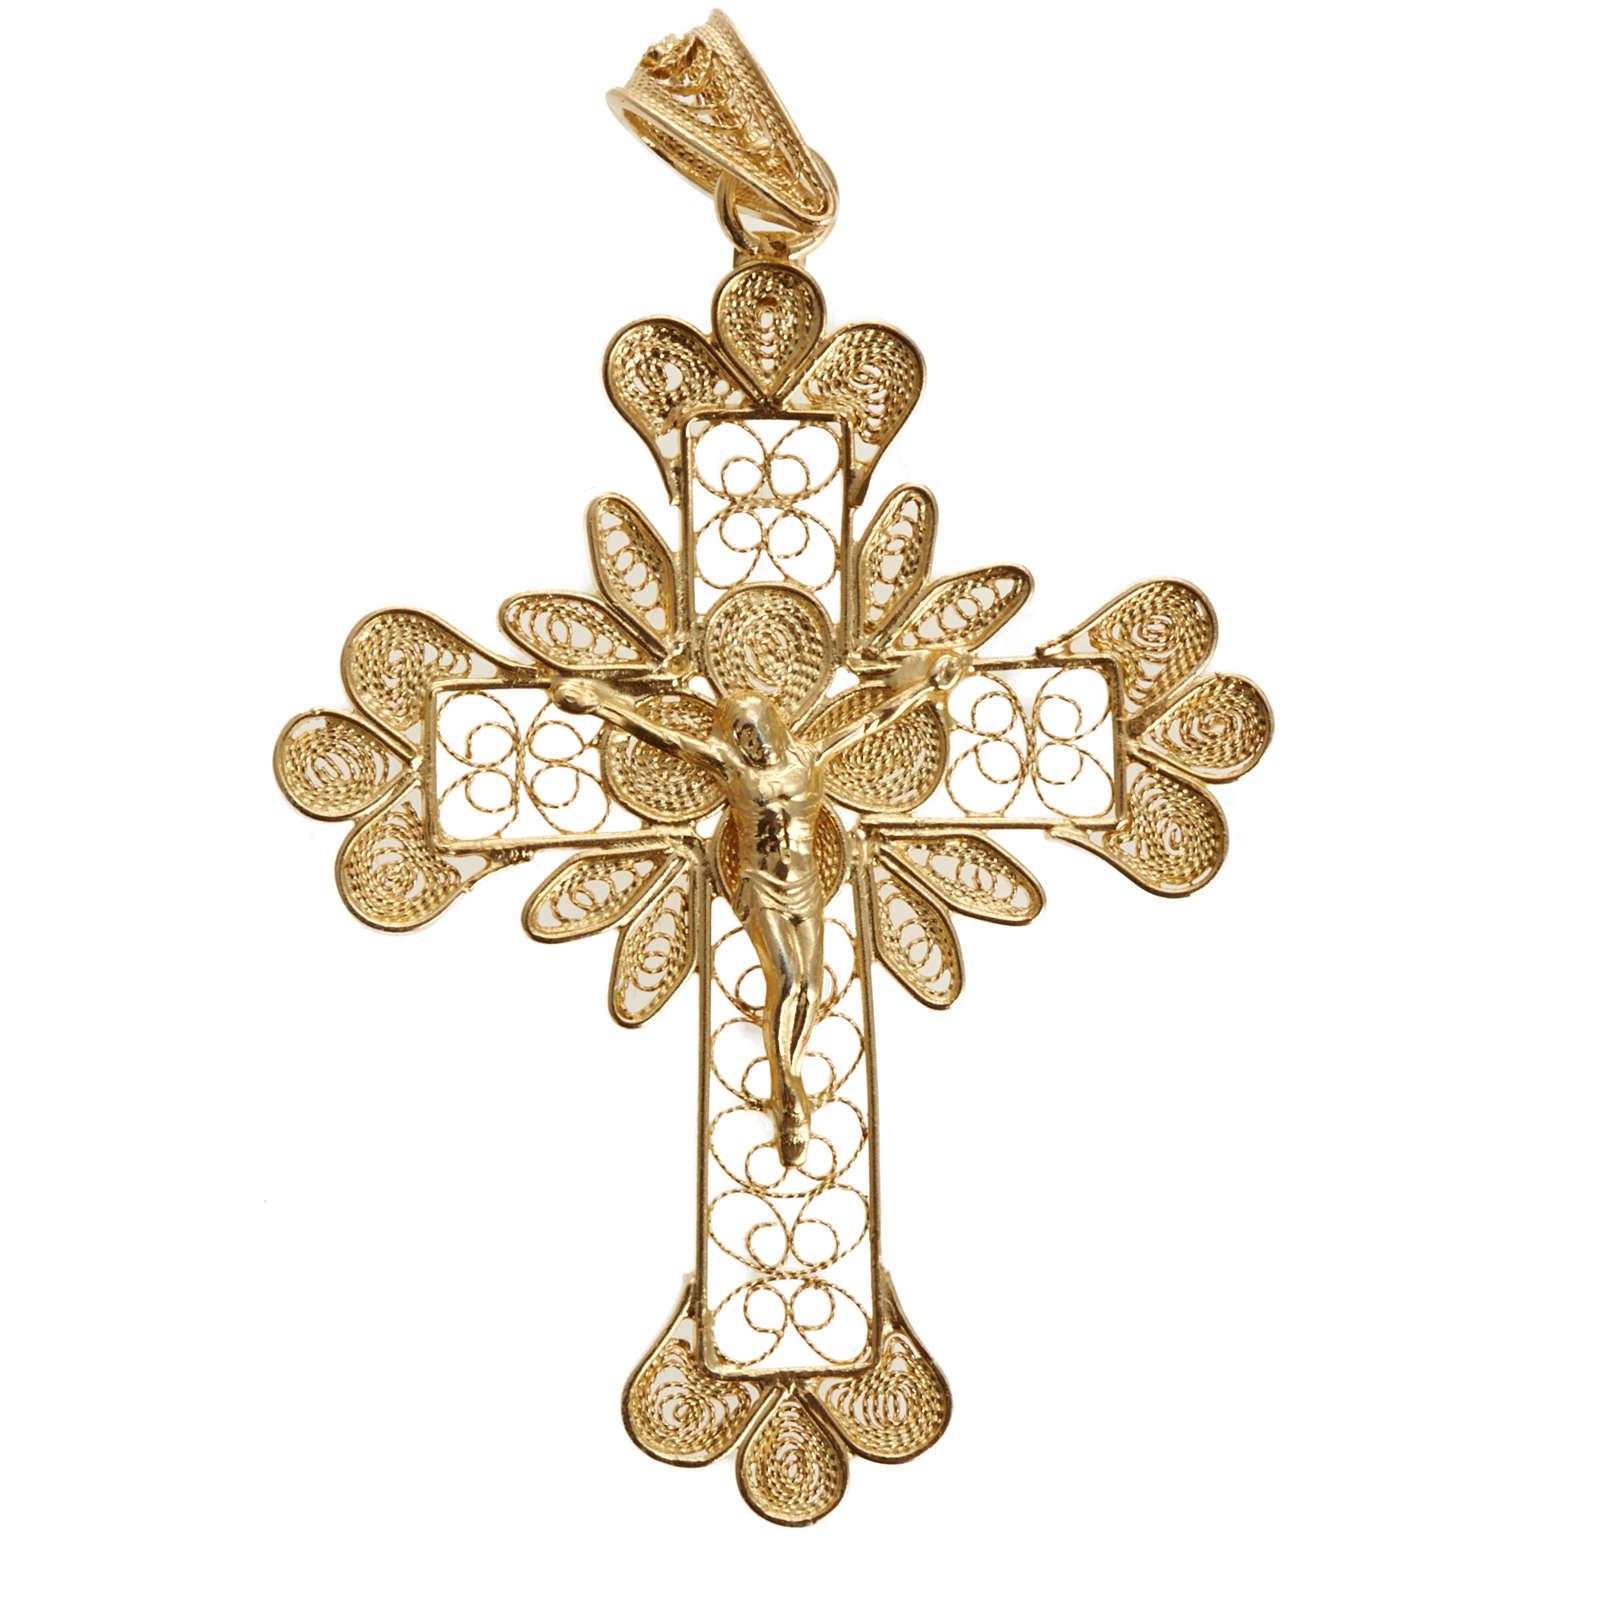 Pendentif croix trilobée filigrane argent 800 3,5 gr 4